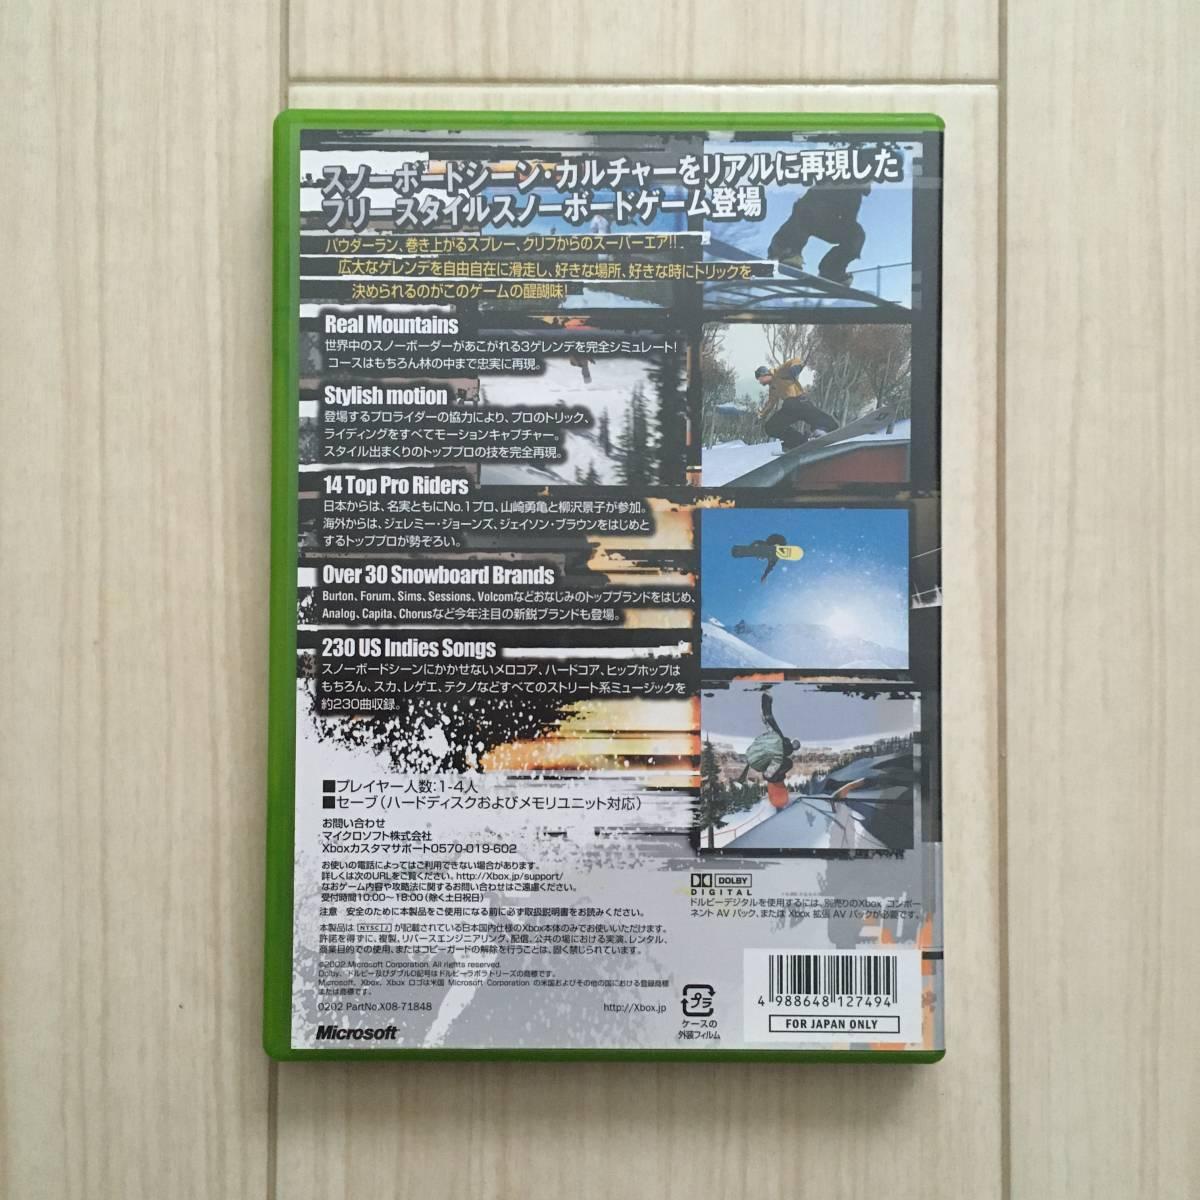 天空 フリースタイルスノーボーディング Tenku Freestyle Snowboarding Xboxソフト_画像2